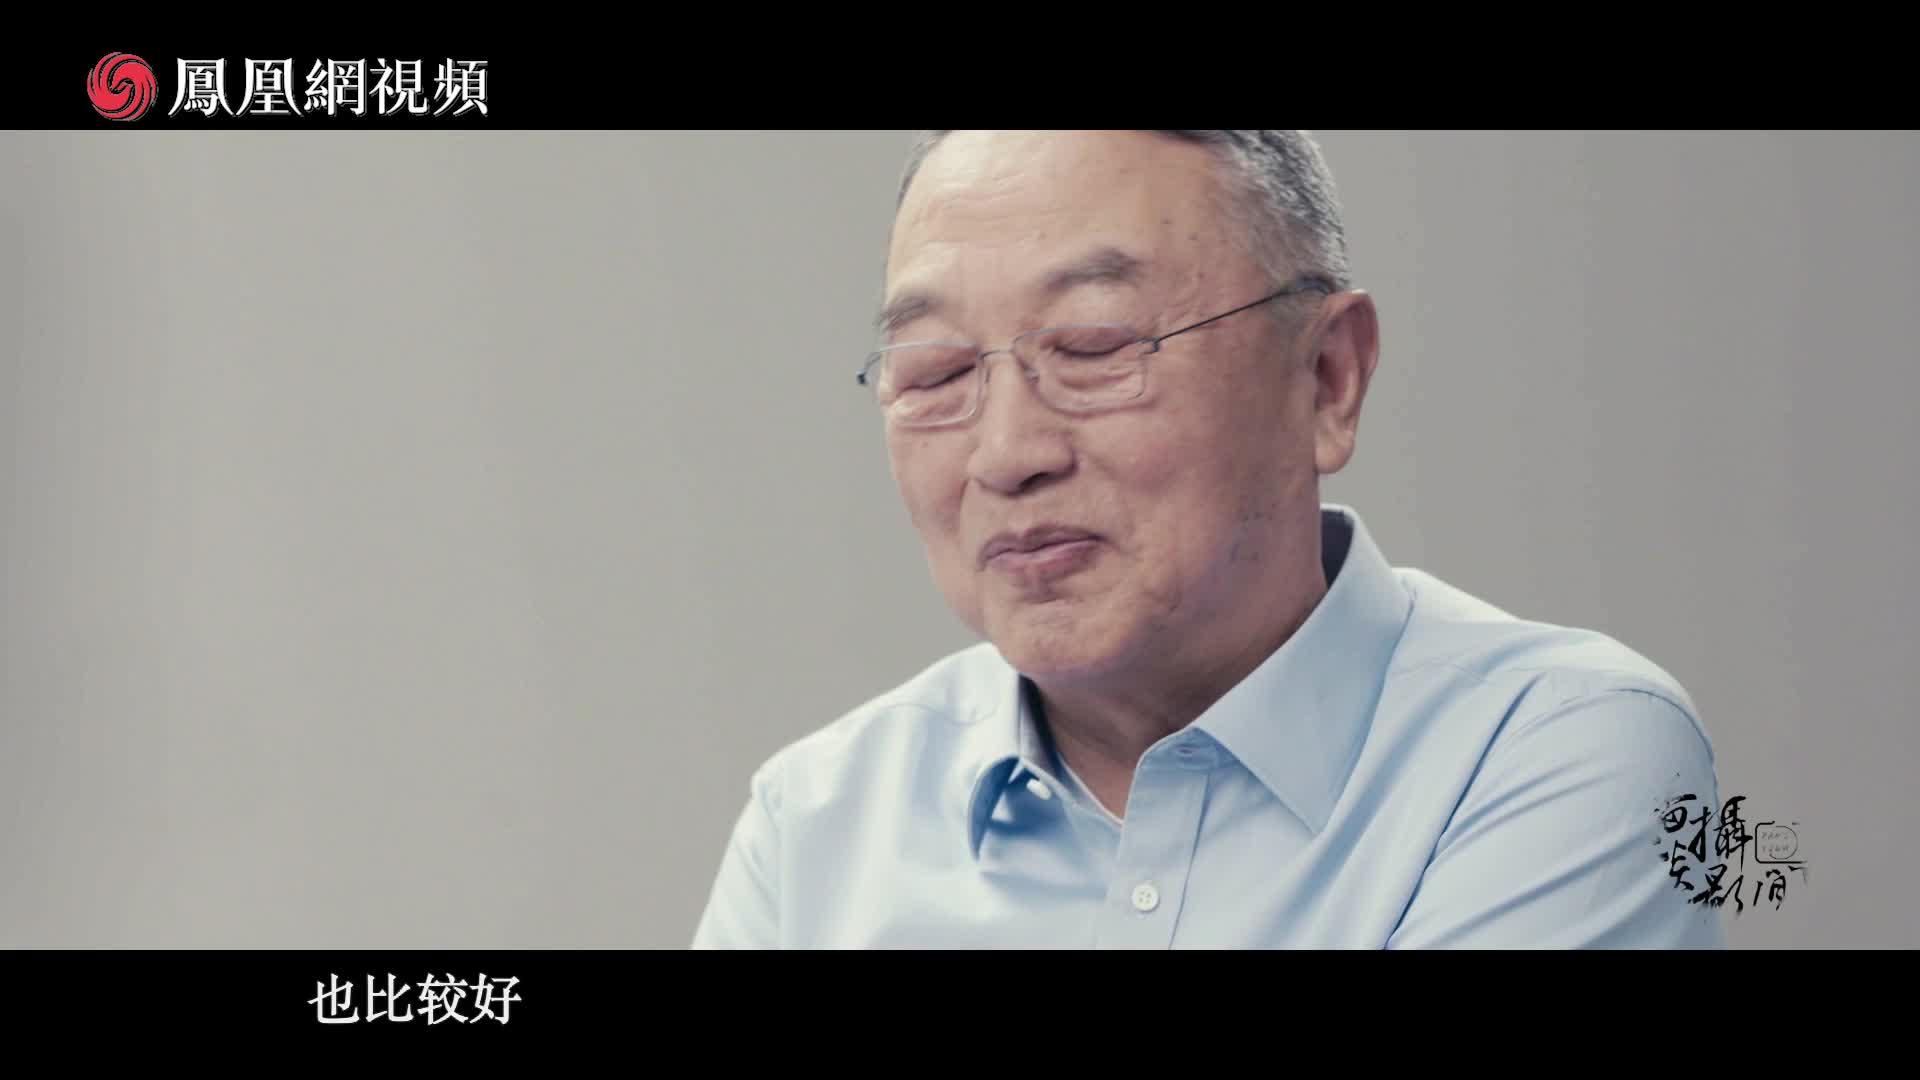 潘谈 | 同学炮轰柳传志 说他骄傲自满额头长到天上去